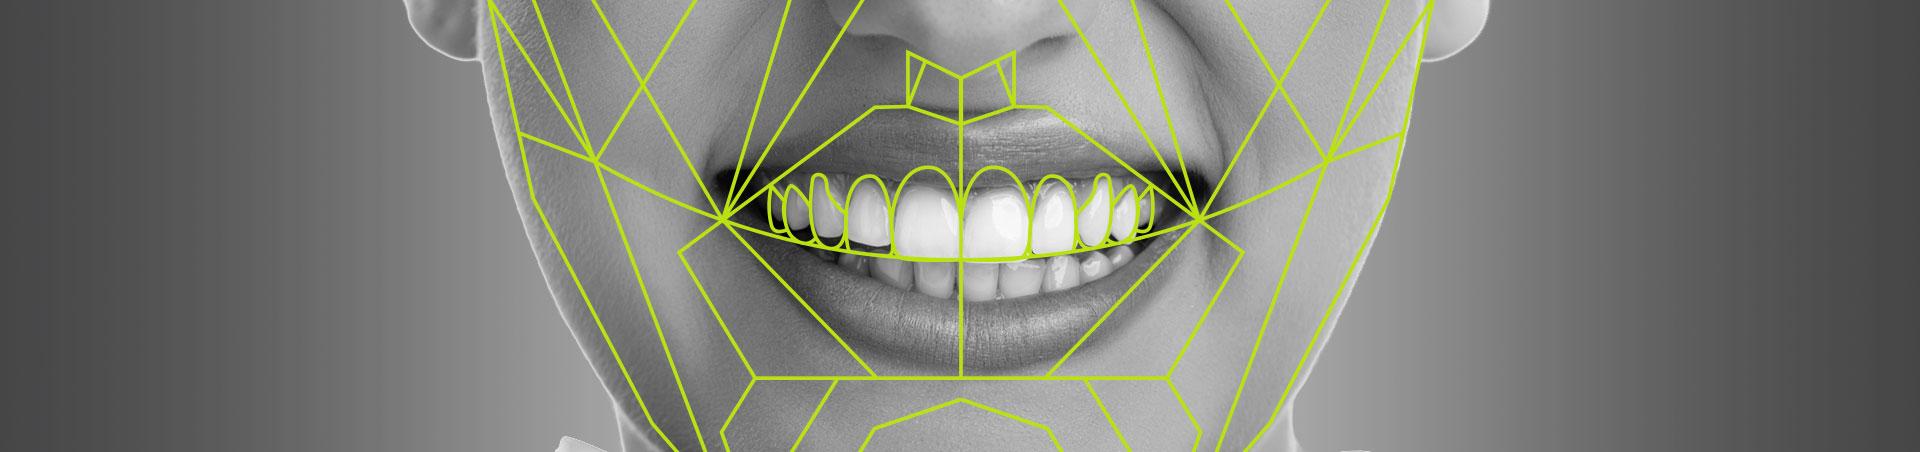 Estetica del sorriso - Desktop